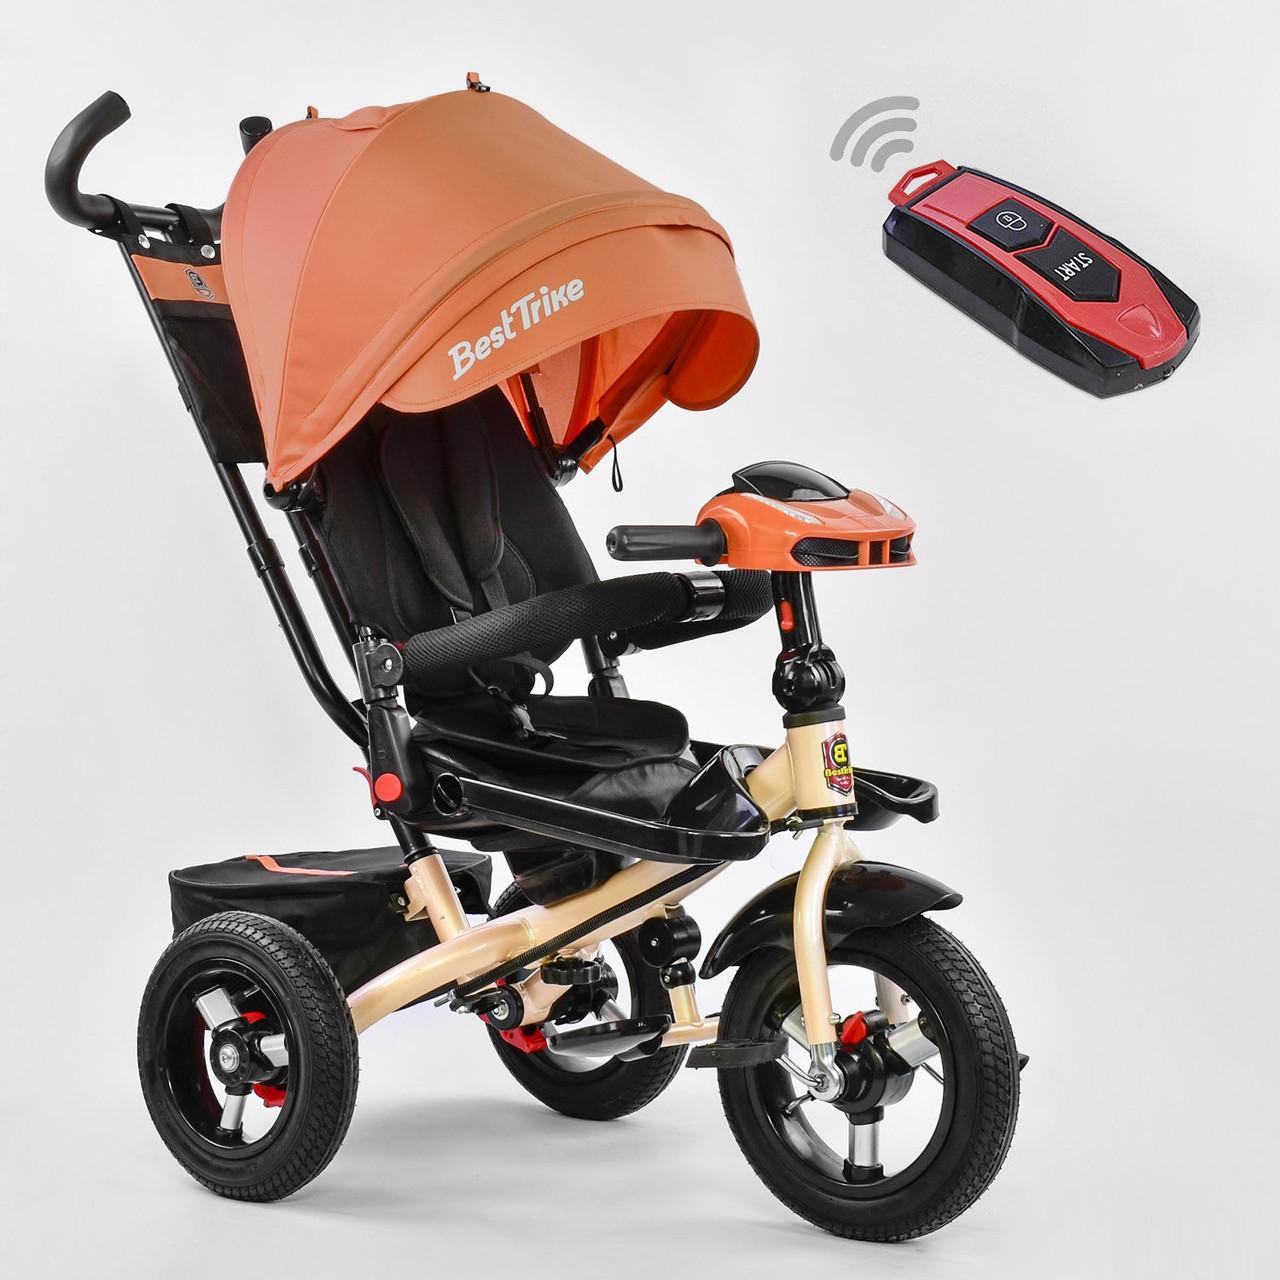 Велосипед BestTrike арт. 6088-2230 (надувные колёса, поворотное сидение, фара, пульт), фото 1